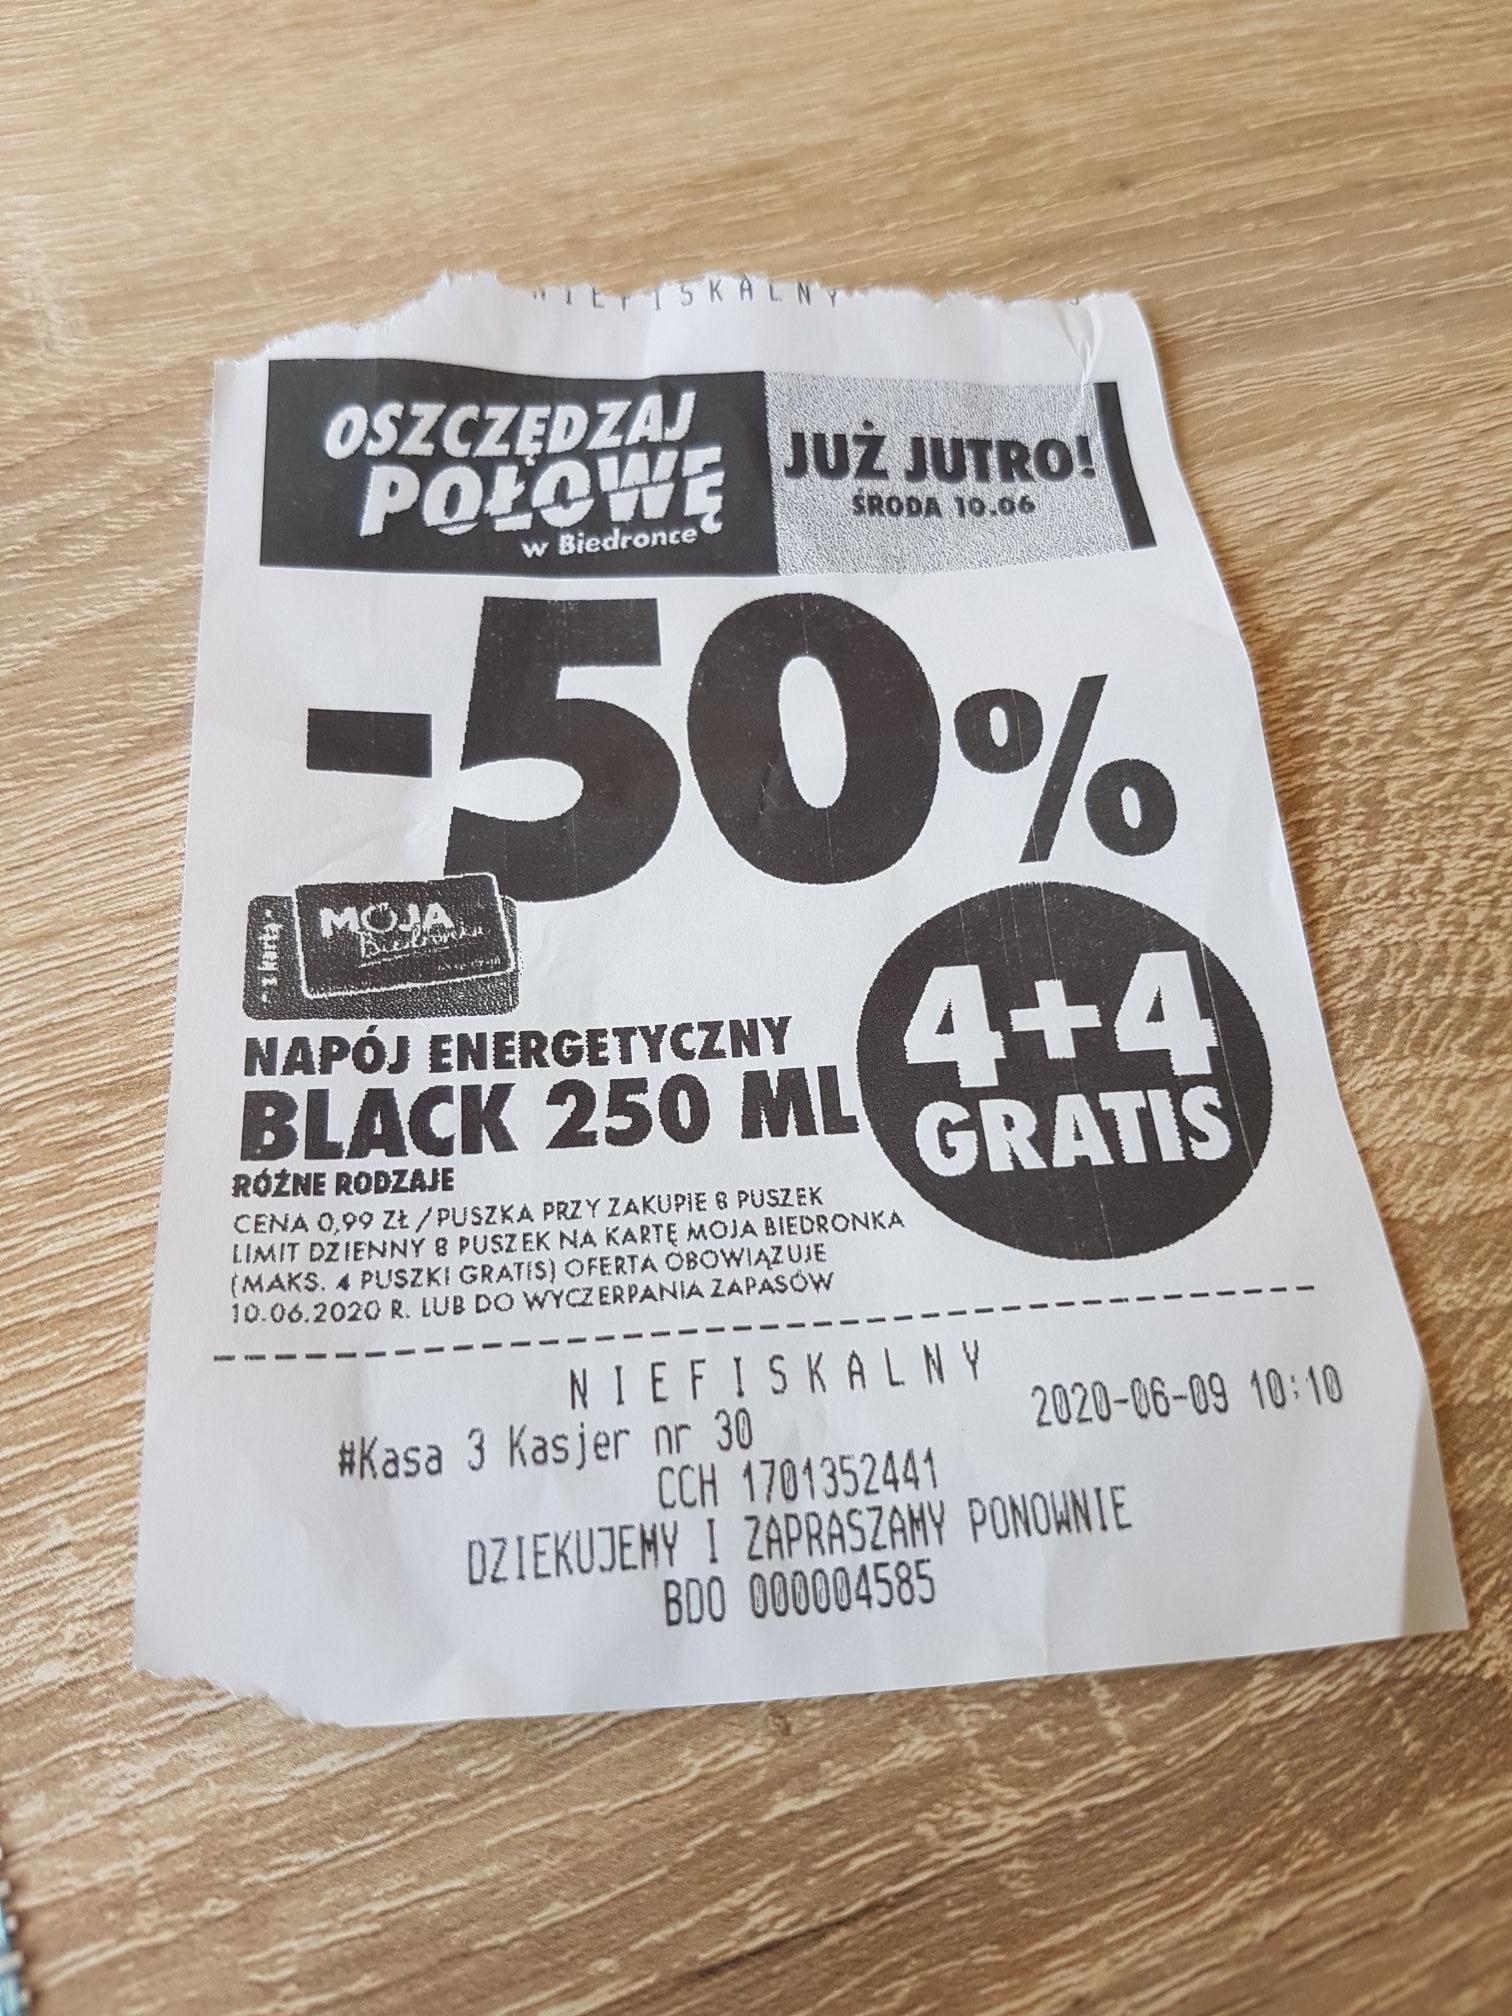 Black energy drink 4+4 za darmo (0,99 zl /puszka przy zakupie 8)